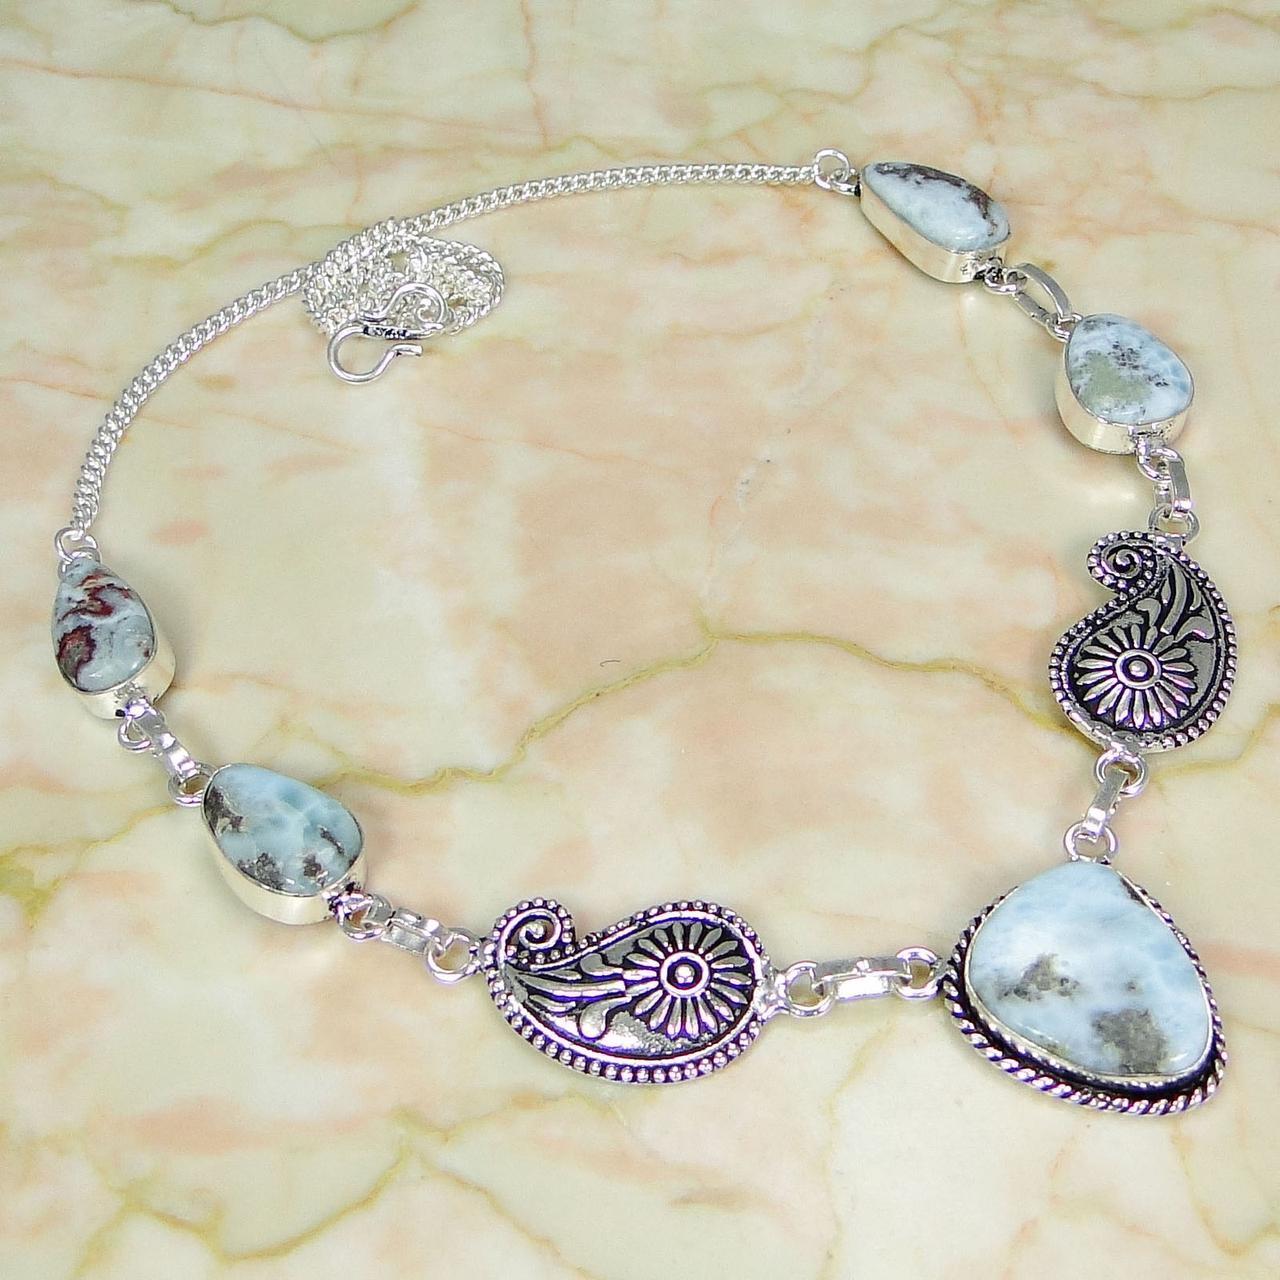 Ларимар ожерелье с натуральным ларимаром в серебре Доминикана